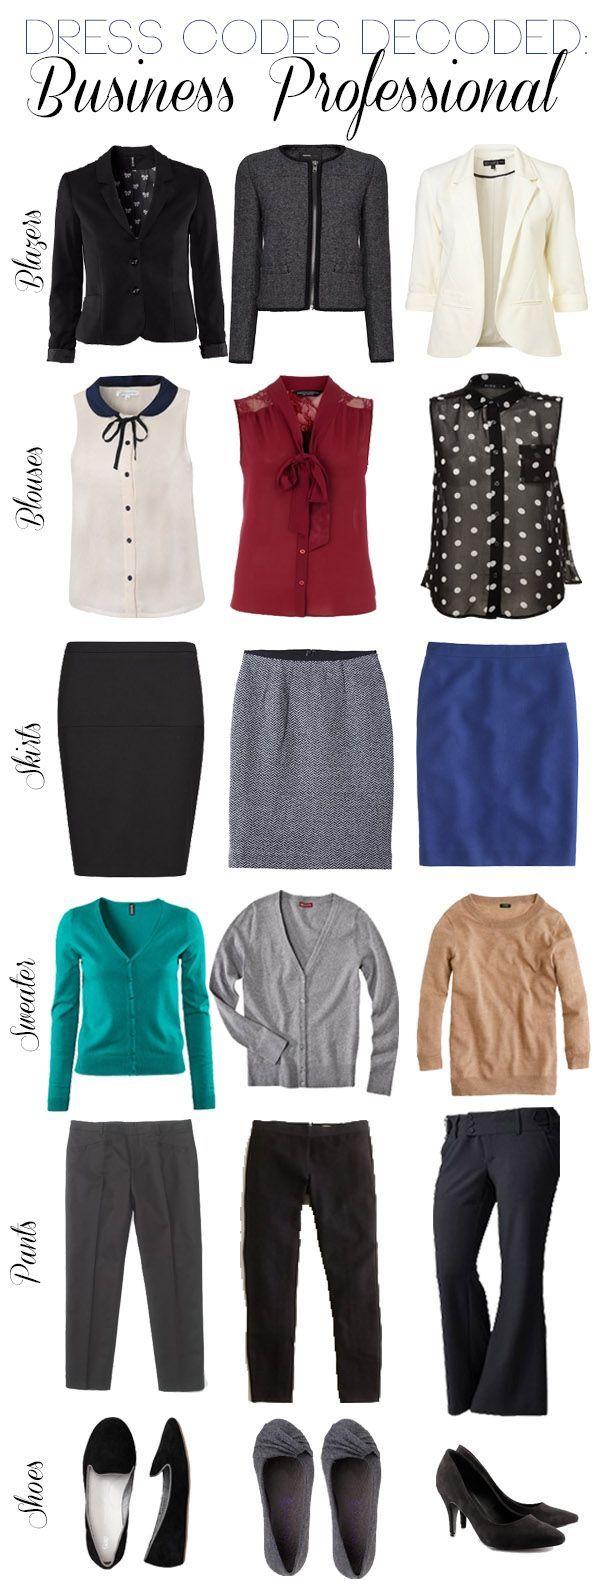 business casual women attire photo - 1